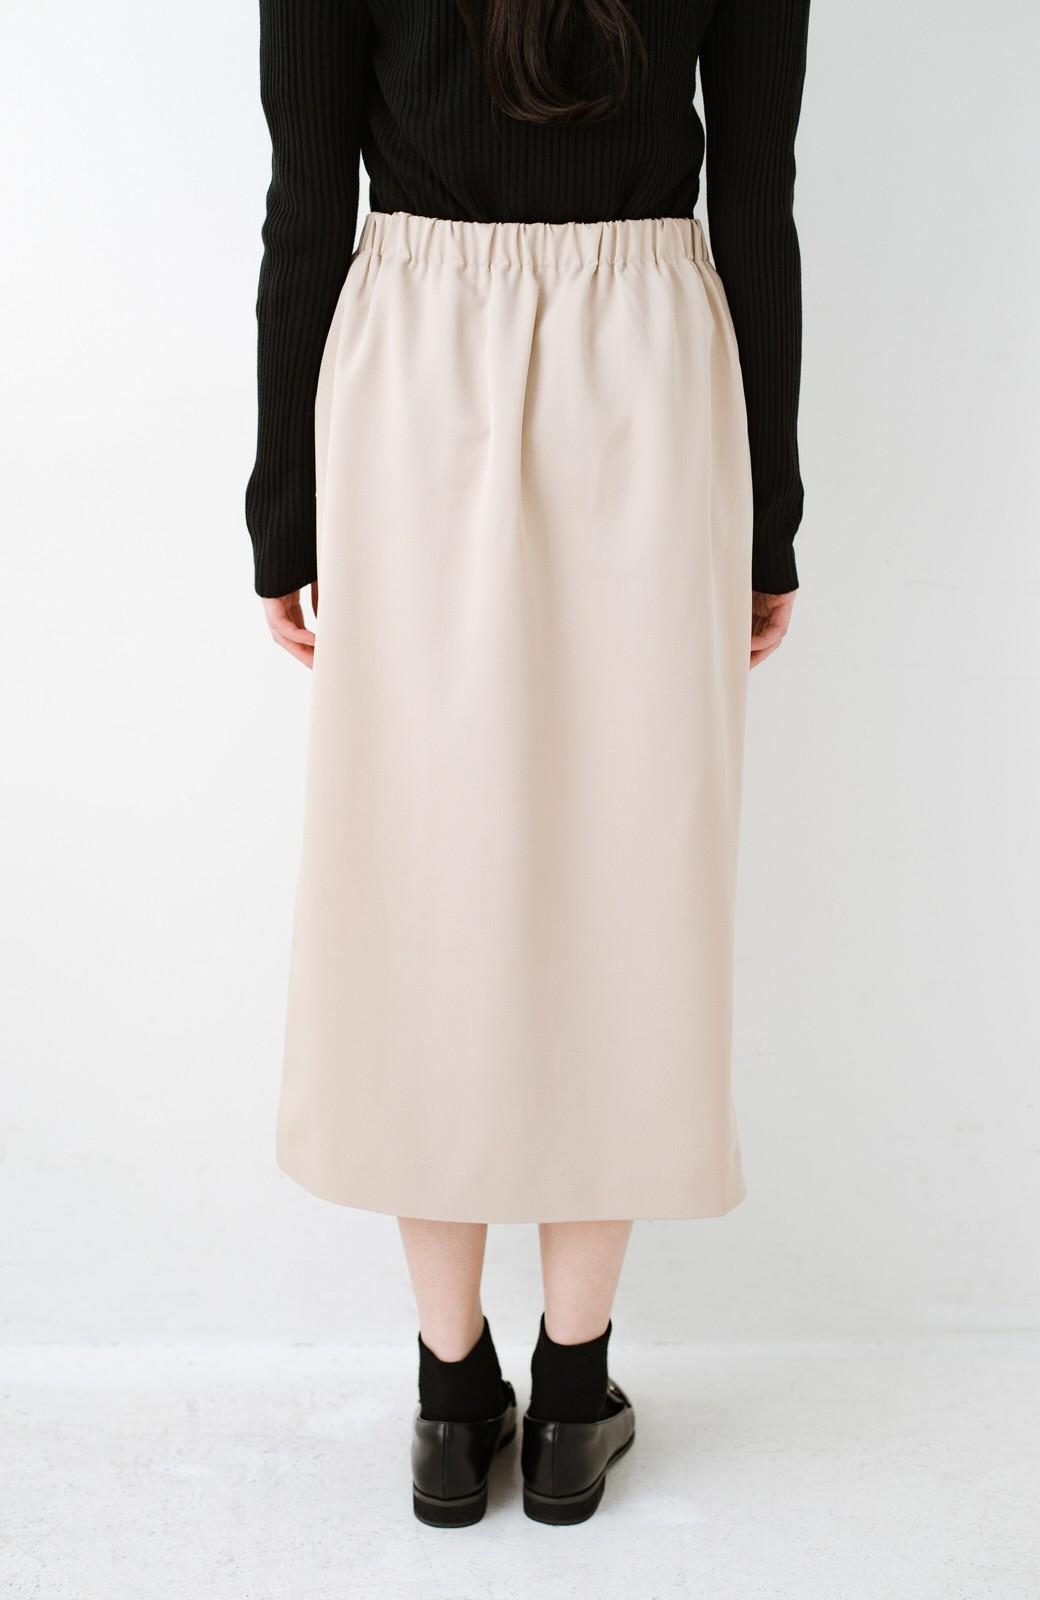 haco! いざというとき困らないための きちんと見えするラップスカート by que made me <ベージュ>の商品写真6